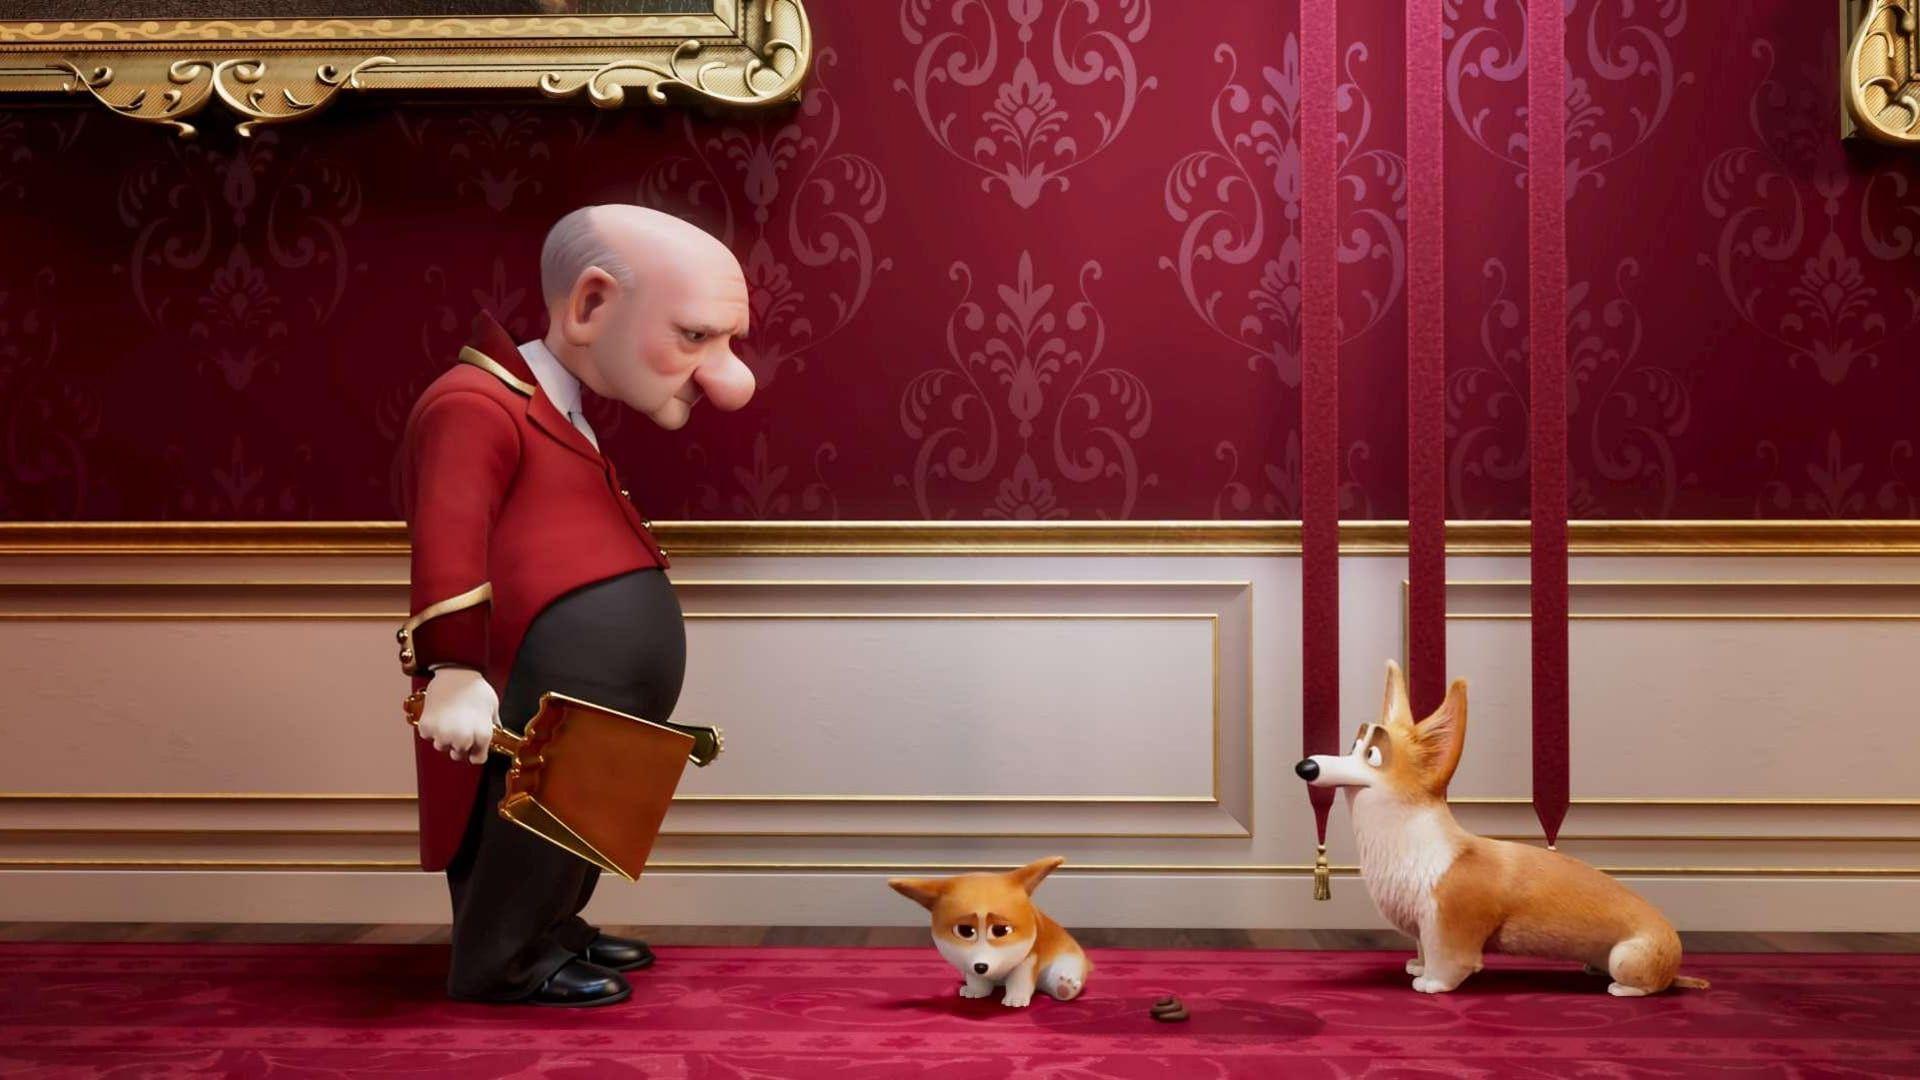 Rex Un Cucciolo A Palazzo 2019 Cb01 Completo Italiano Altadefinizione Cinema Guarda Rex Un Cucciolo A Palazzo Corgi Free Movies Online Beloved Dog